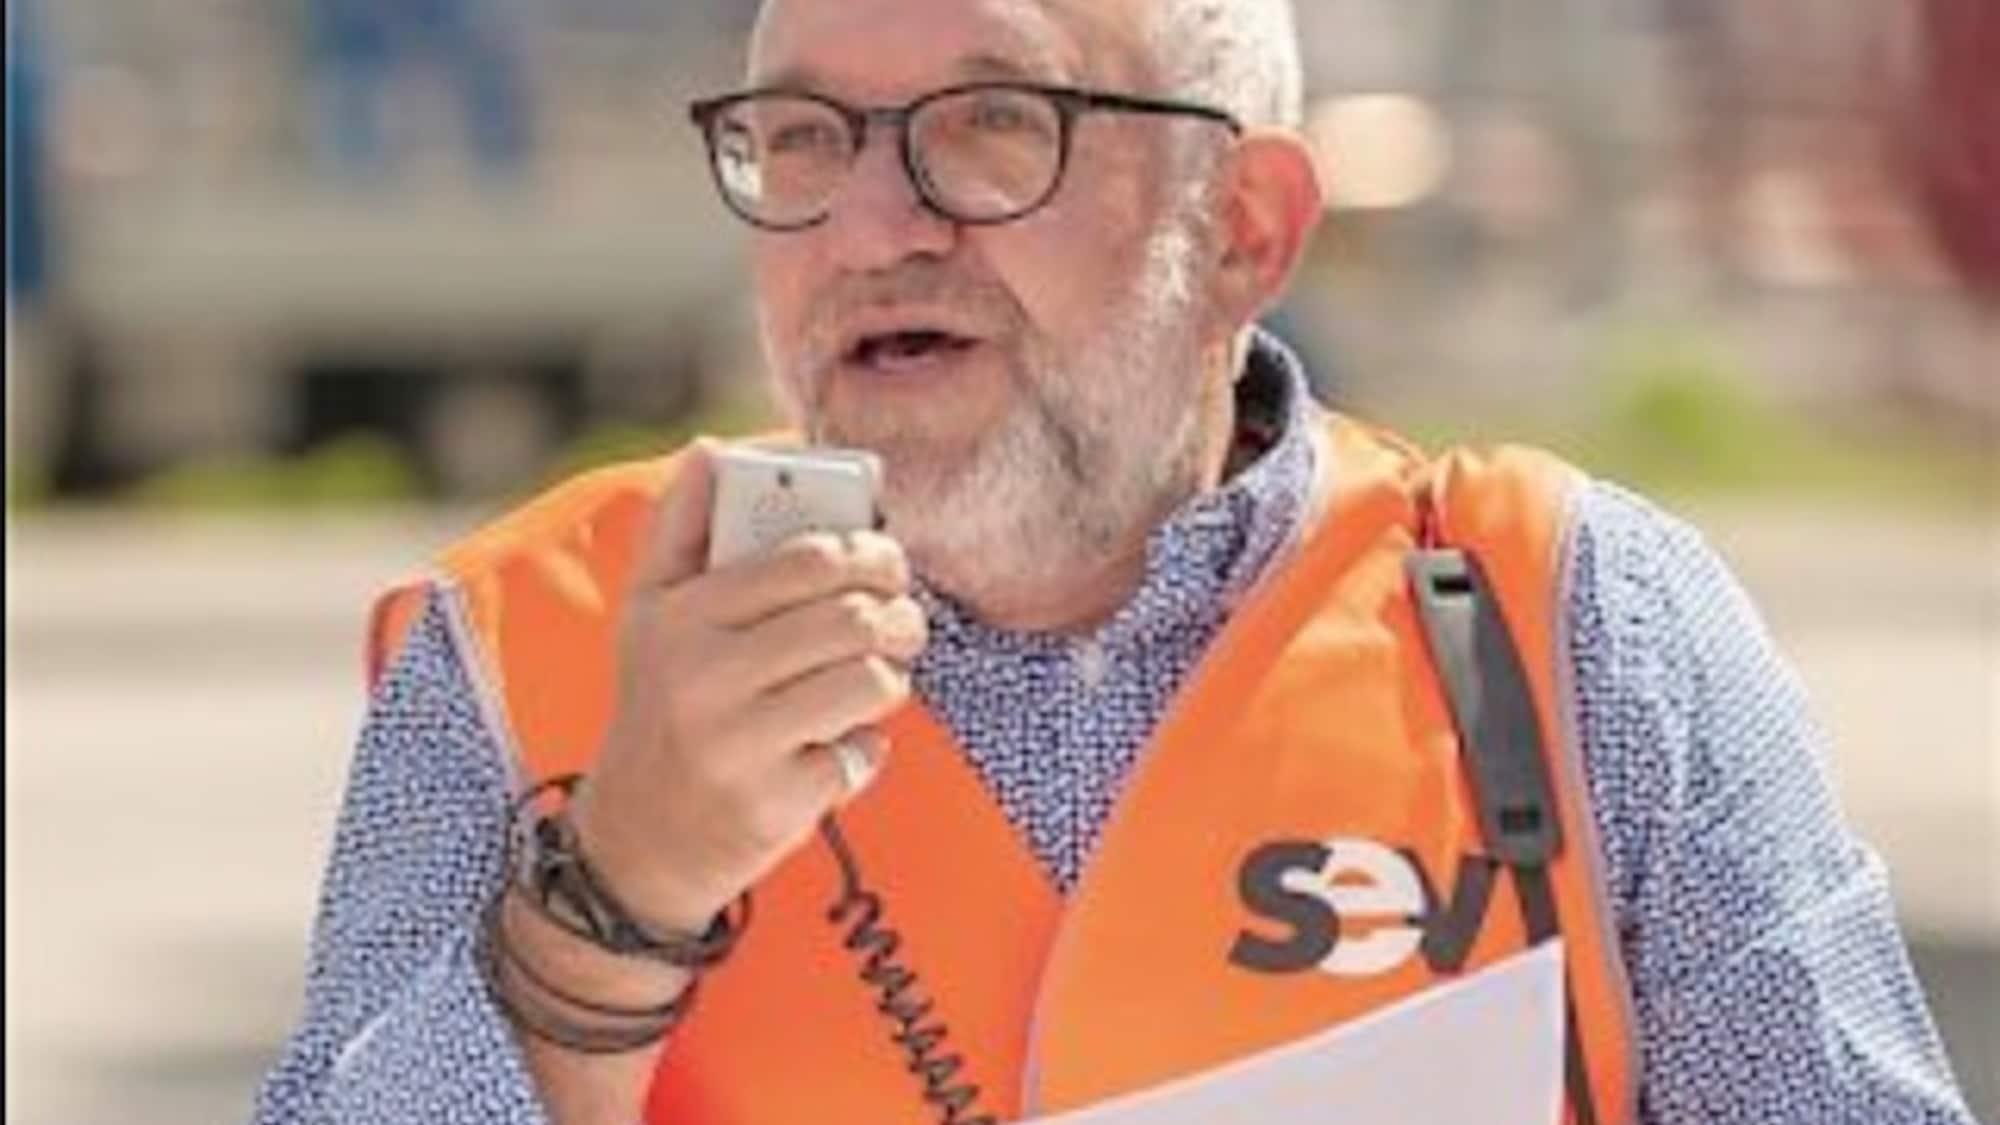 SBB-Chef Meyer kritisiert Gewerkschaft nach Unfall von Baden AG – die wehrt sich: «Das ist aus dem Zusammenhang gerissen!»